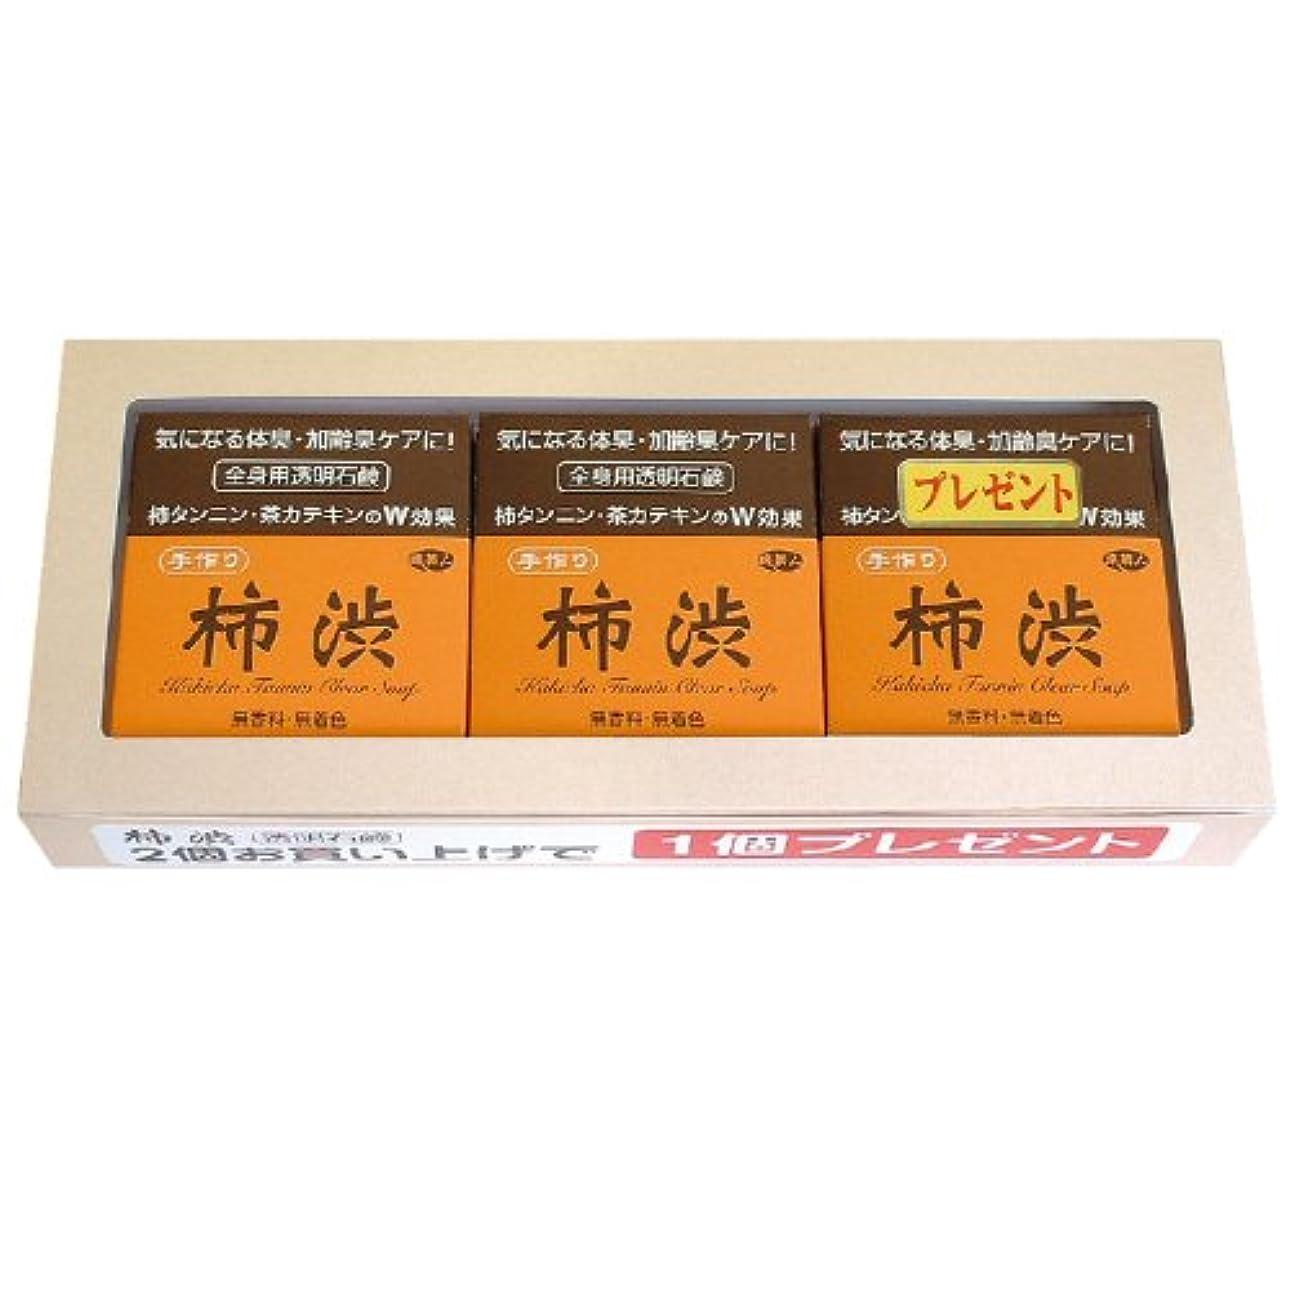 コンプライアンスレタッチ真向こうアズマ商事の 柿渋透明石鹸 2個の値段で3個入りセット